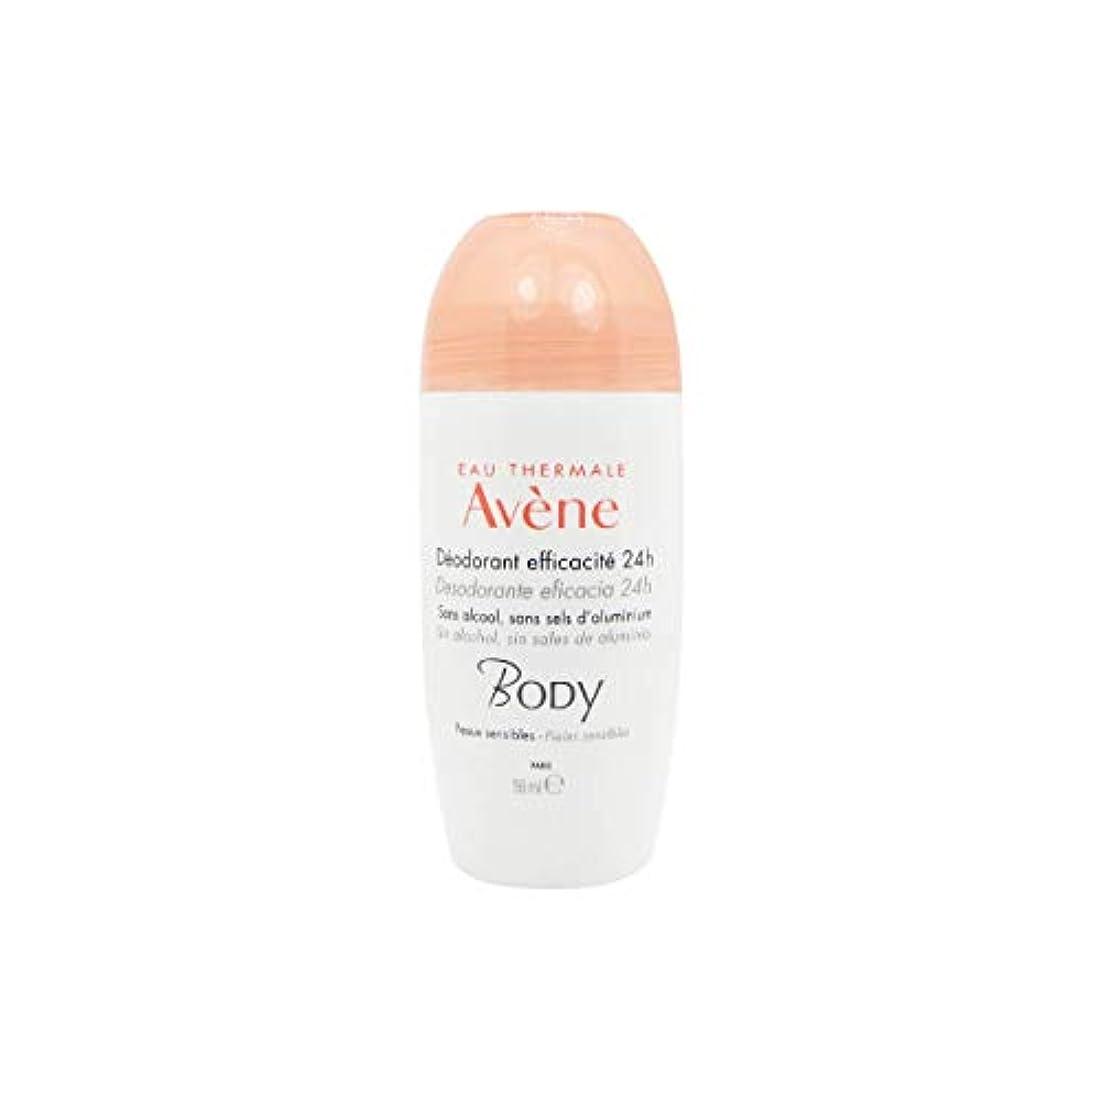 周り宮殿平方Avene Regulating Deodorant Care Roll-on 50ml [並行輸入品]